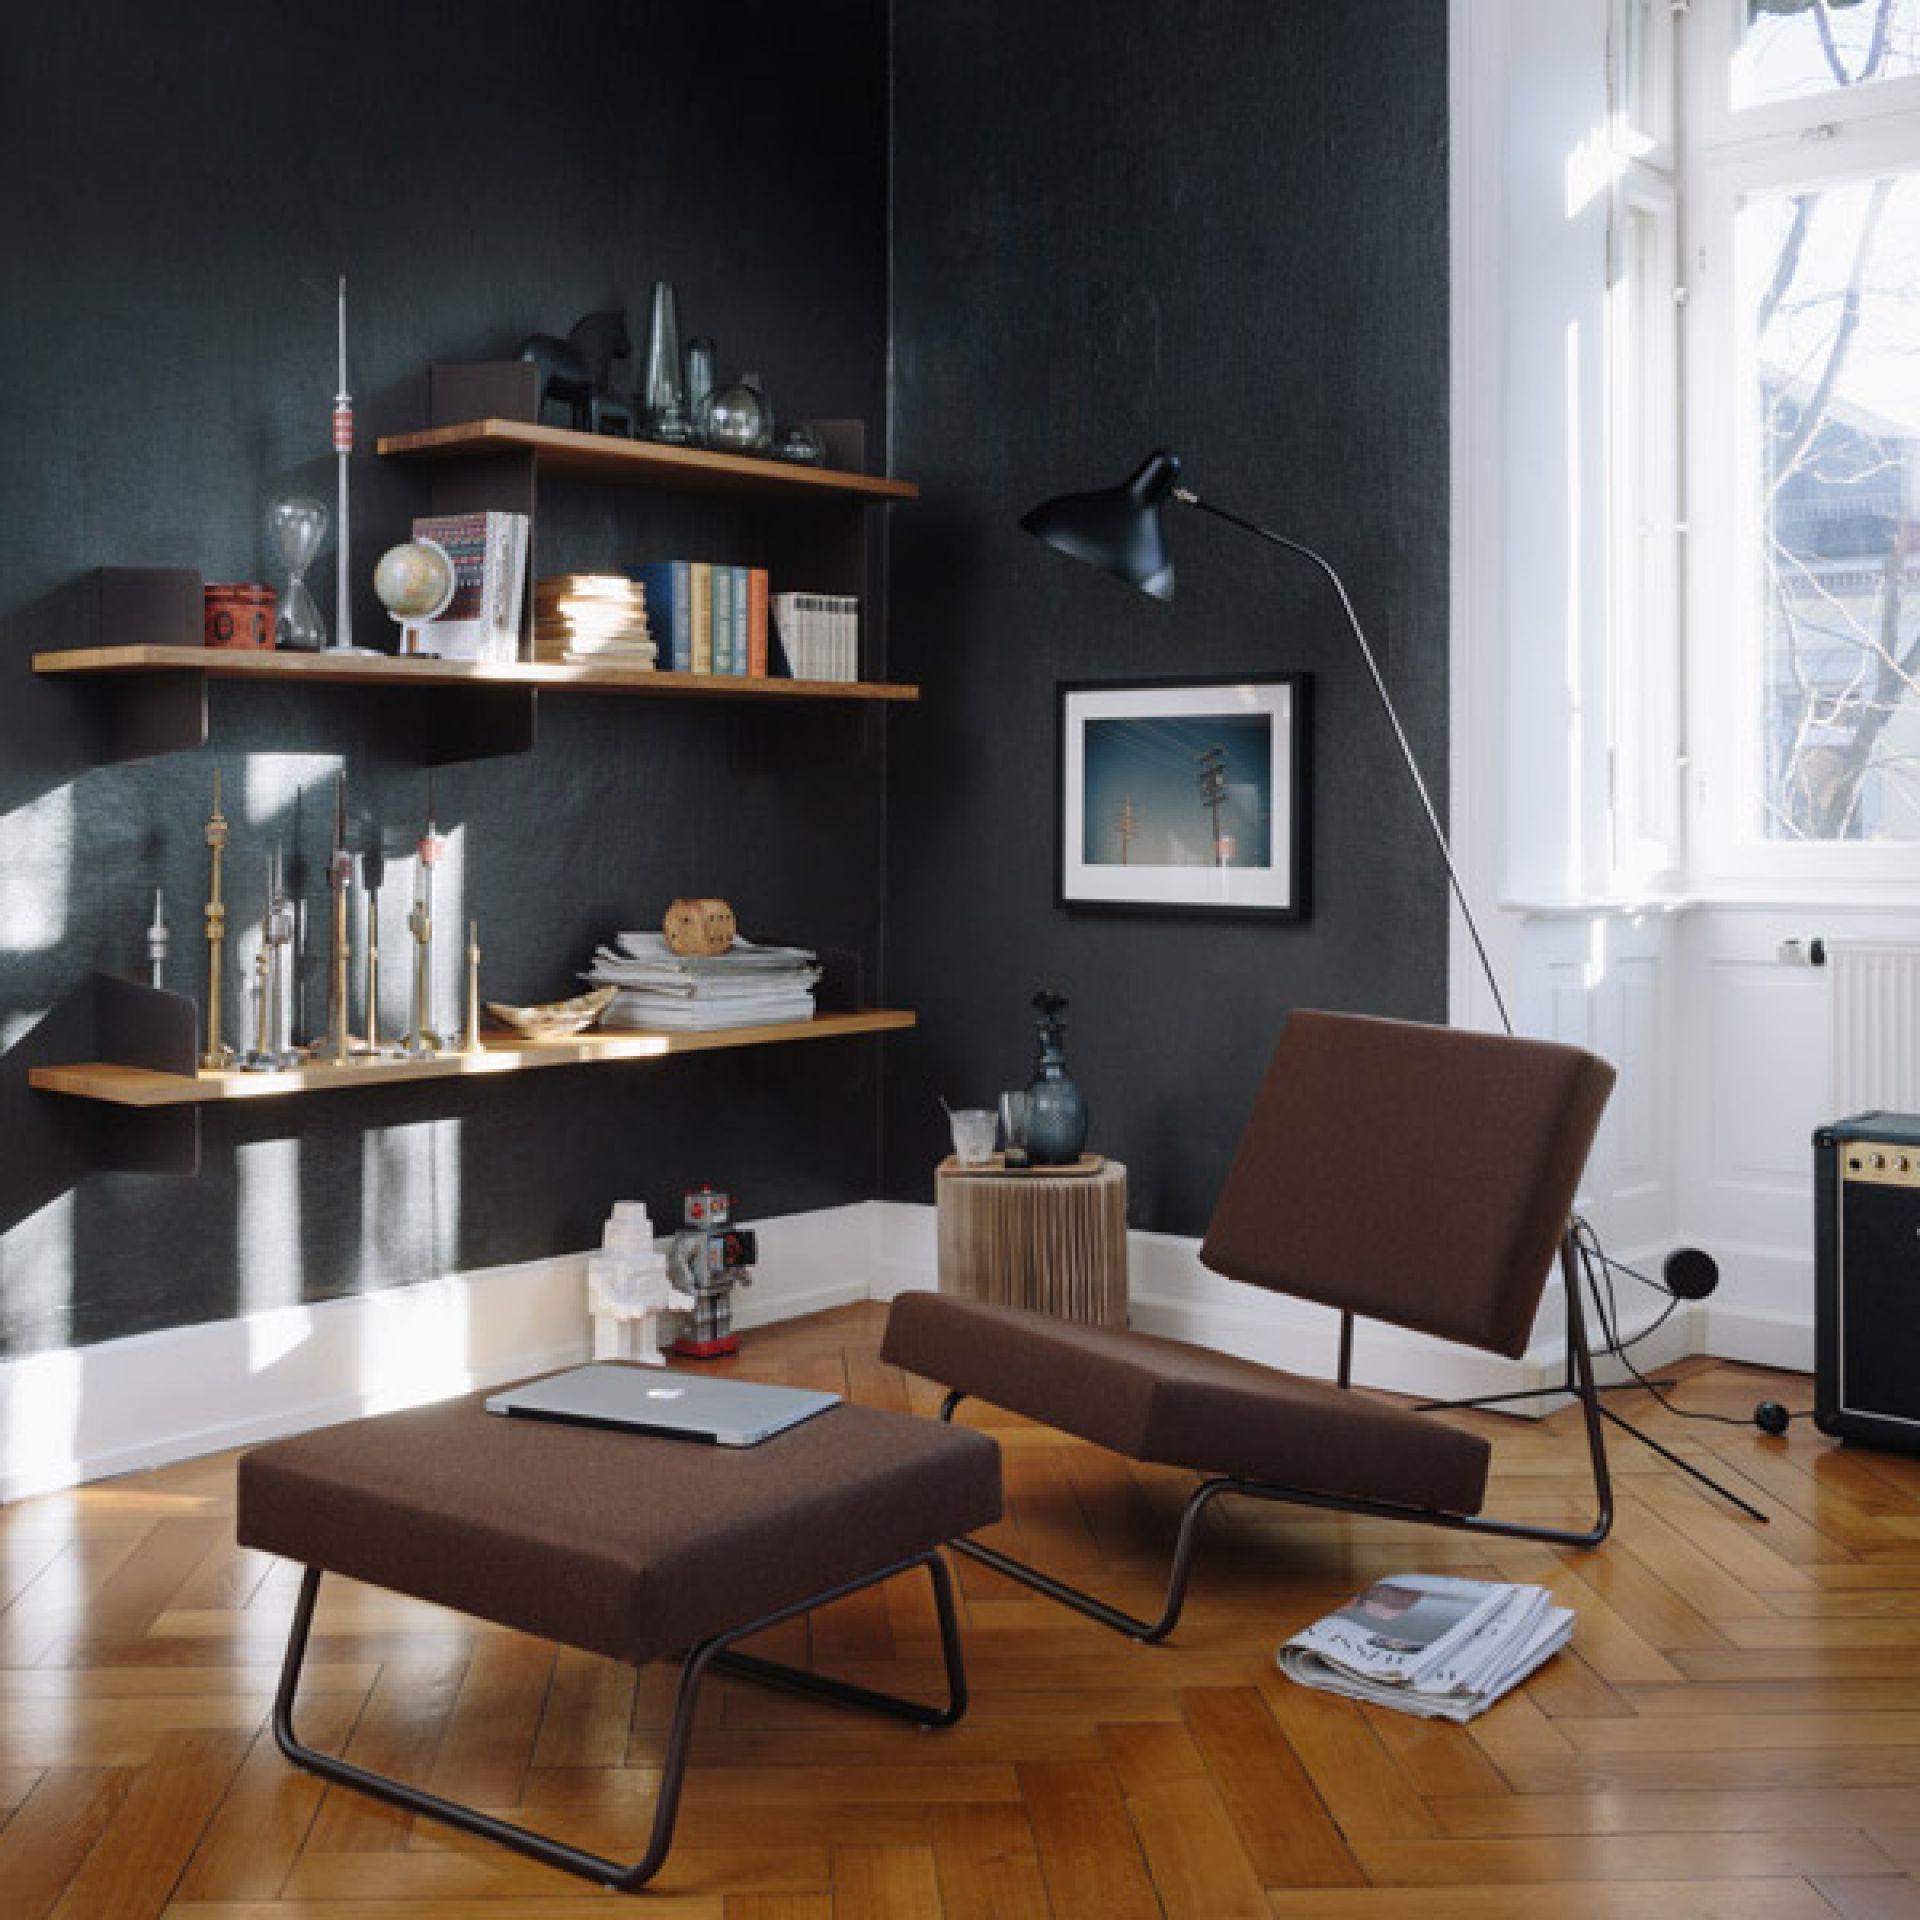 Atelier wall shelf spruce/fir Richard Lampert